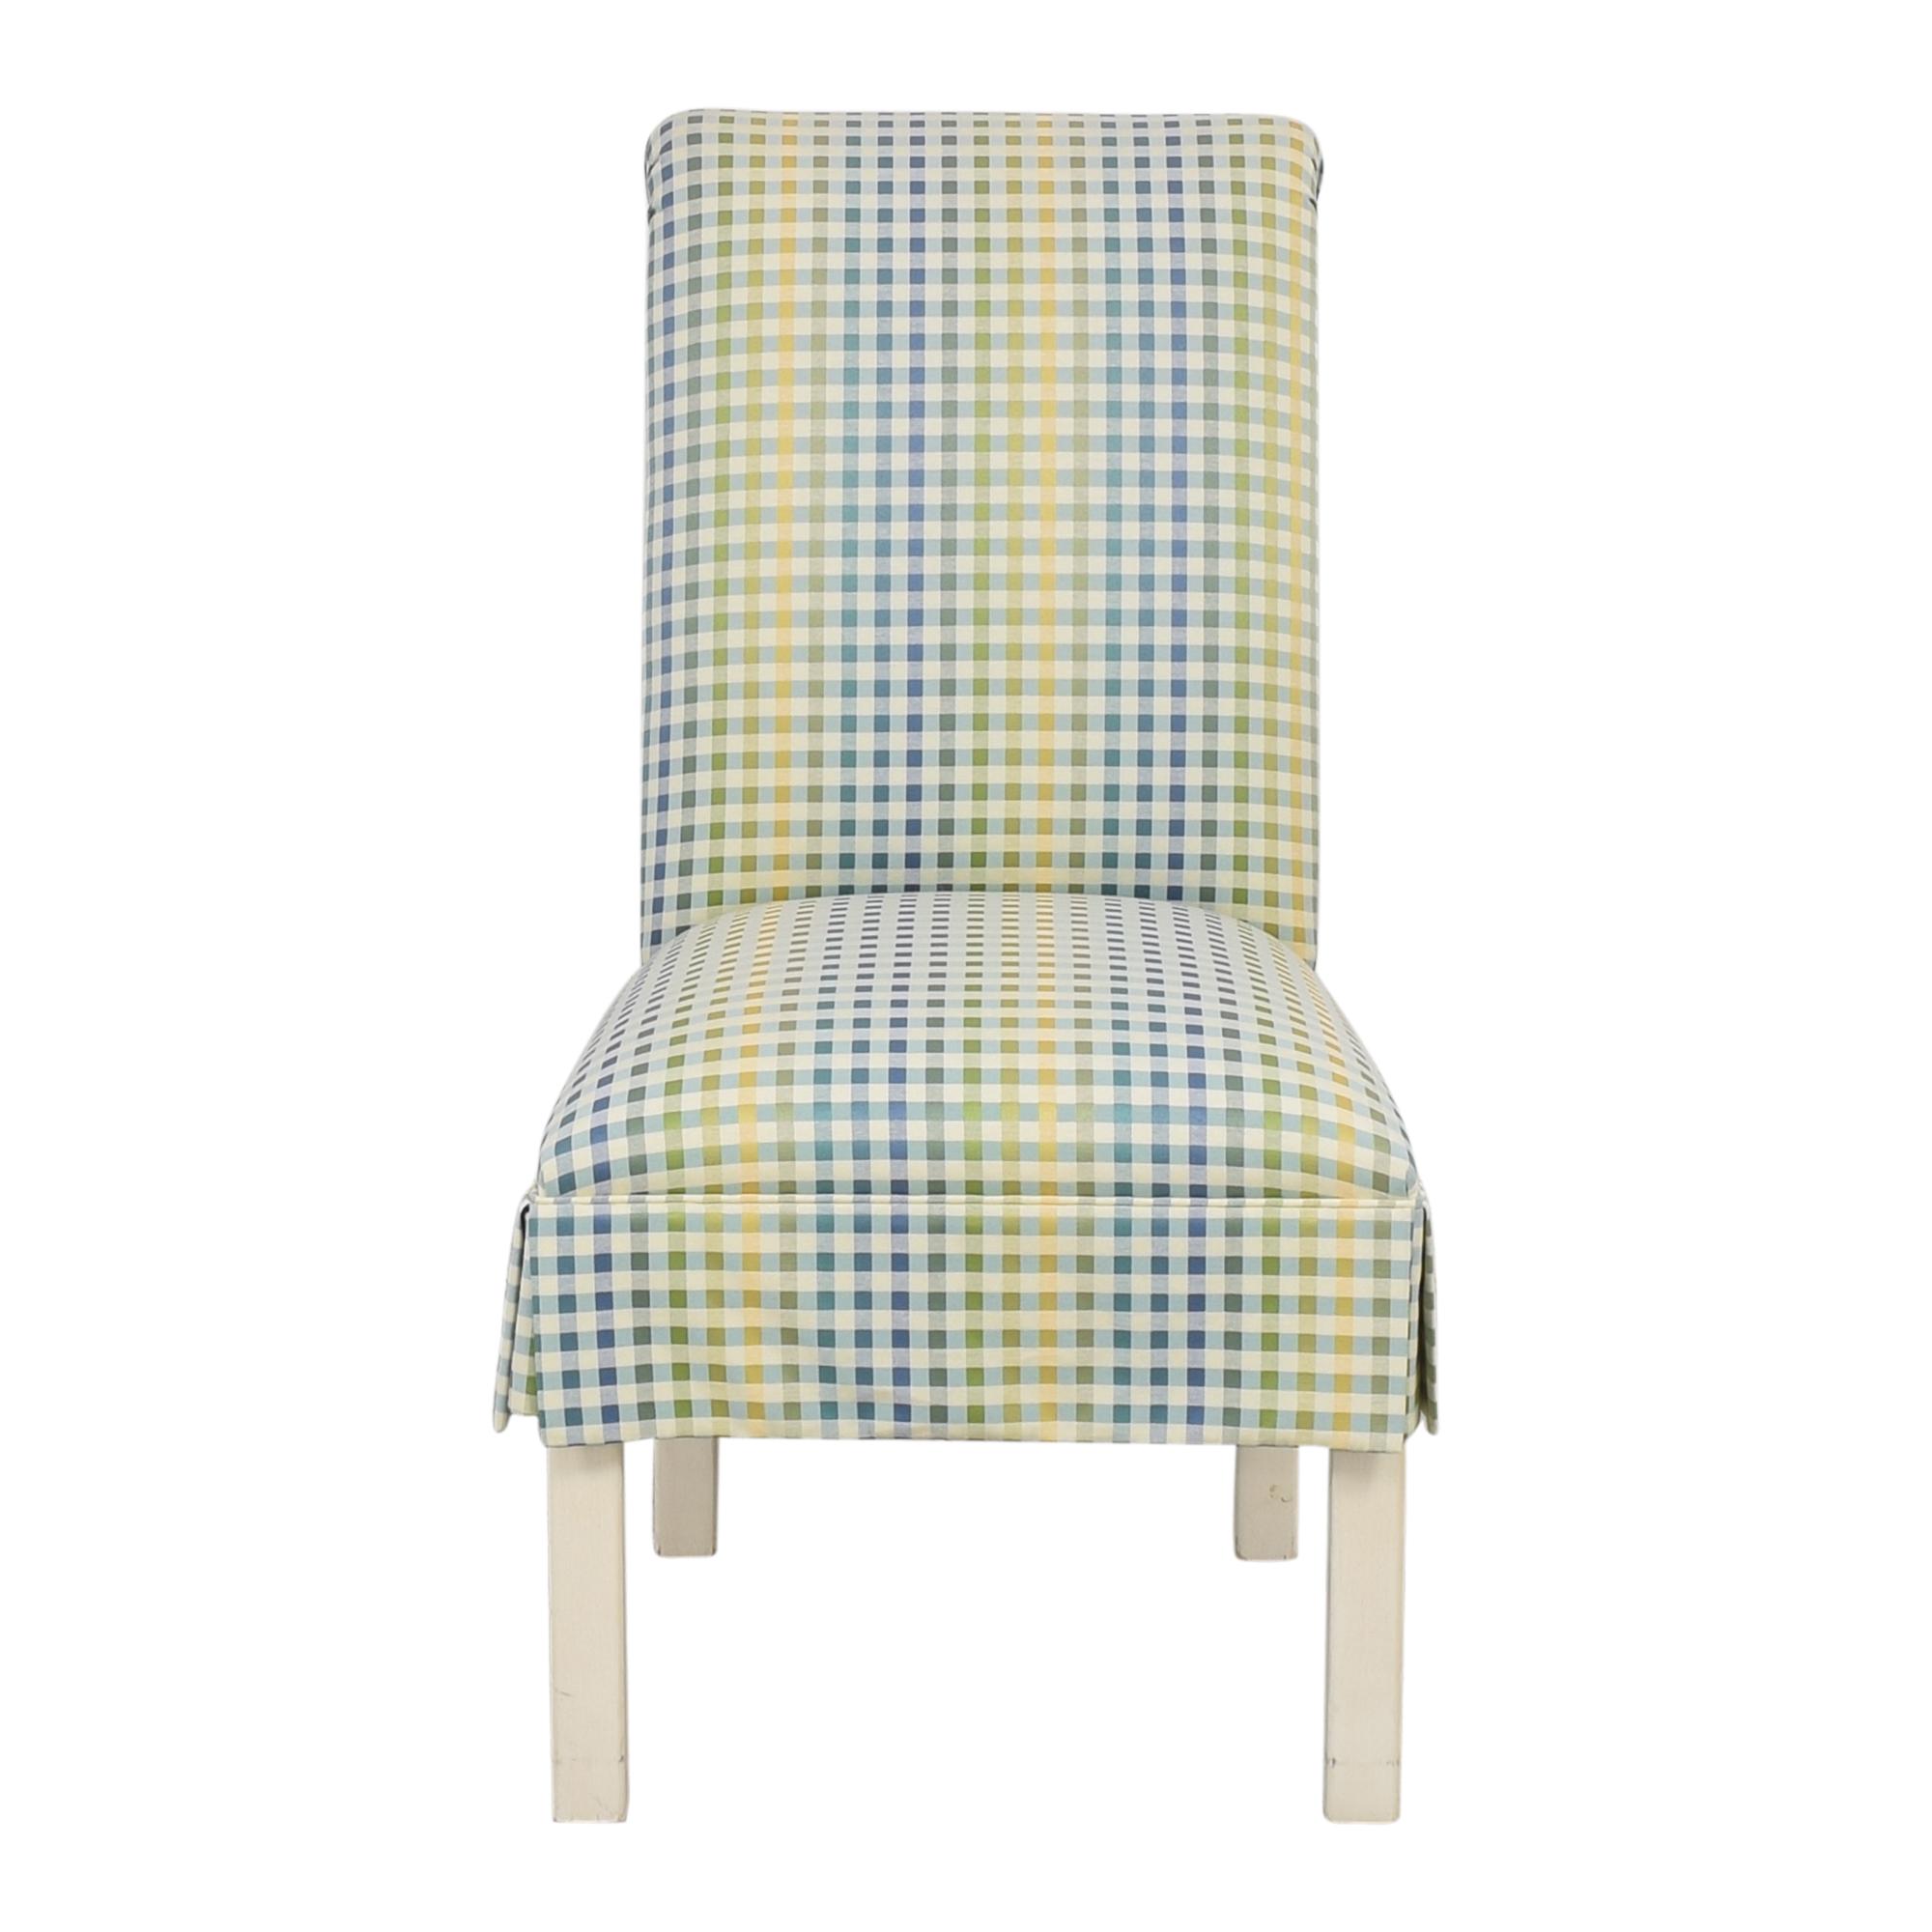 Ethan Allen Ethan Allen Scroll Back Chair second hand